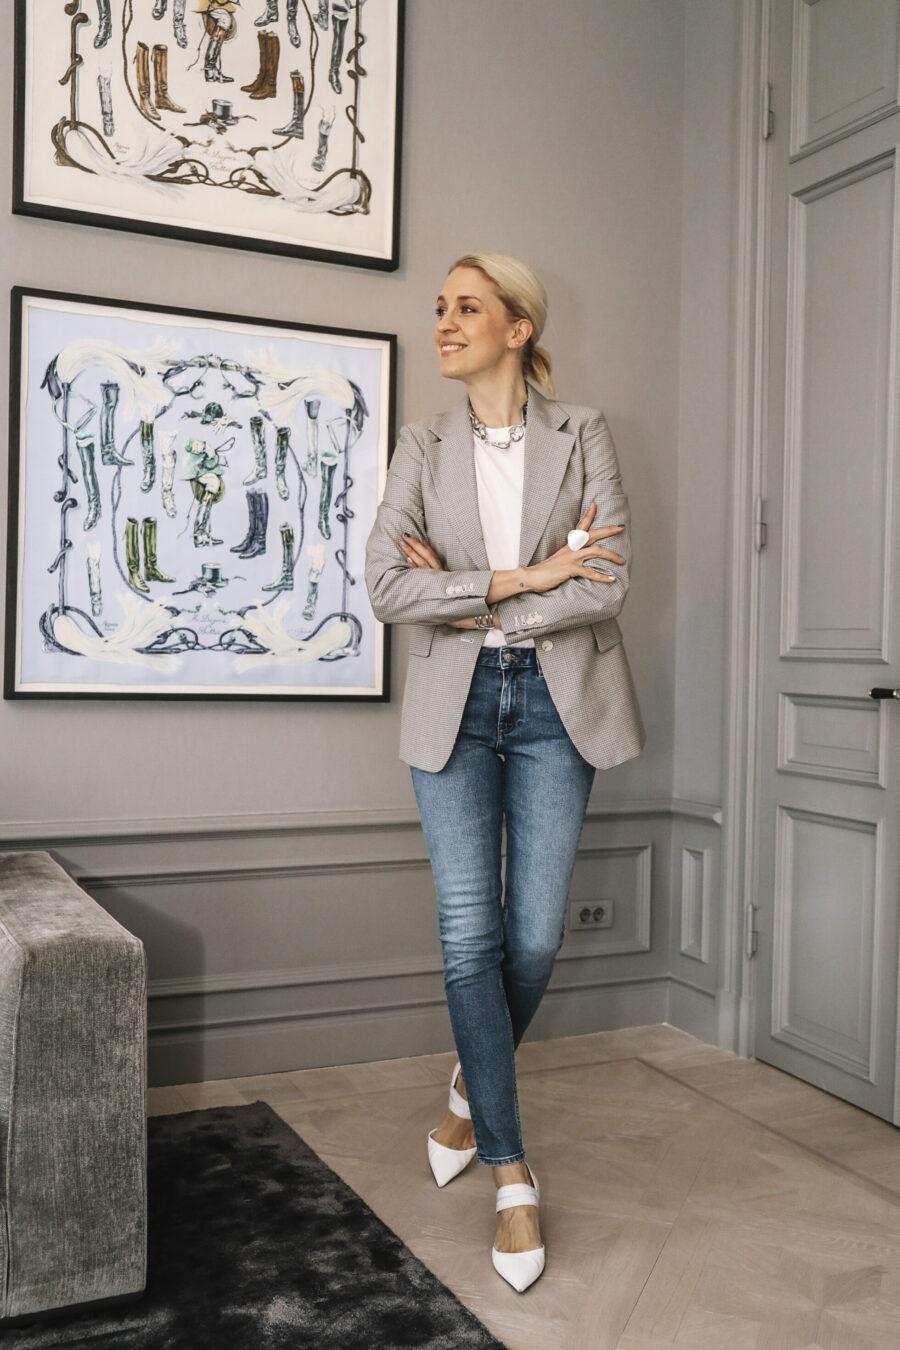 c980a75b5a5 Jag har fått många frågor kring jeans och om jag inte kan tipsa om vårens  snyggaste modeller. Jeans är helt klart ett tema som ligger mig varmt om  hjärtat.